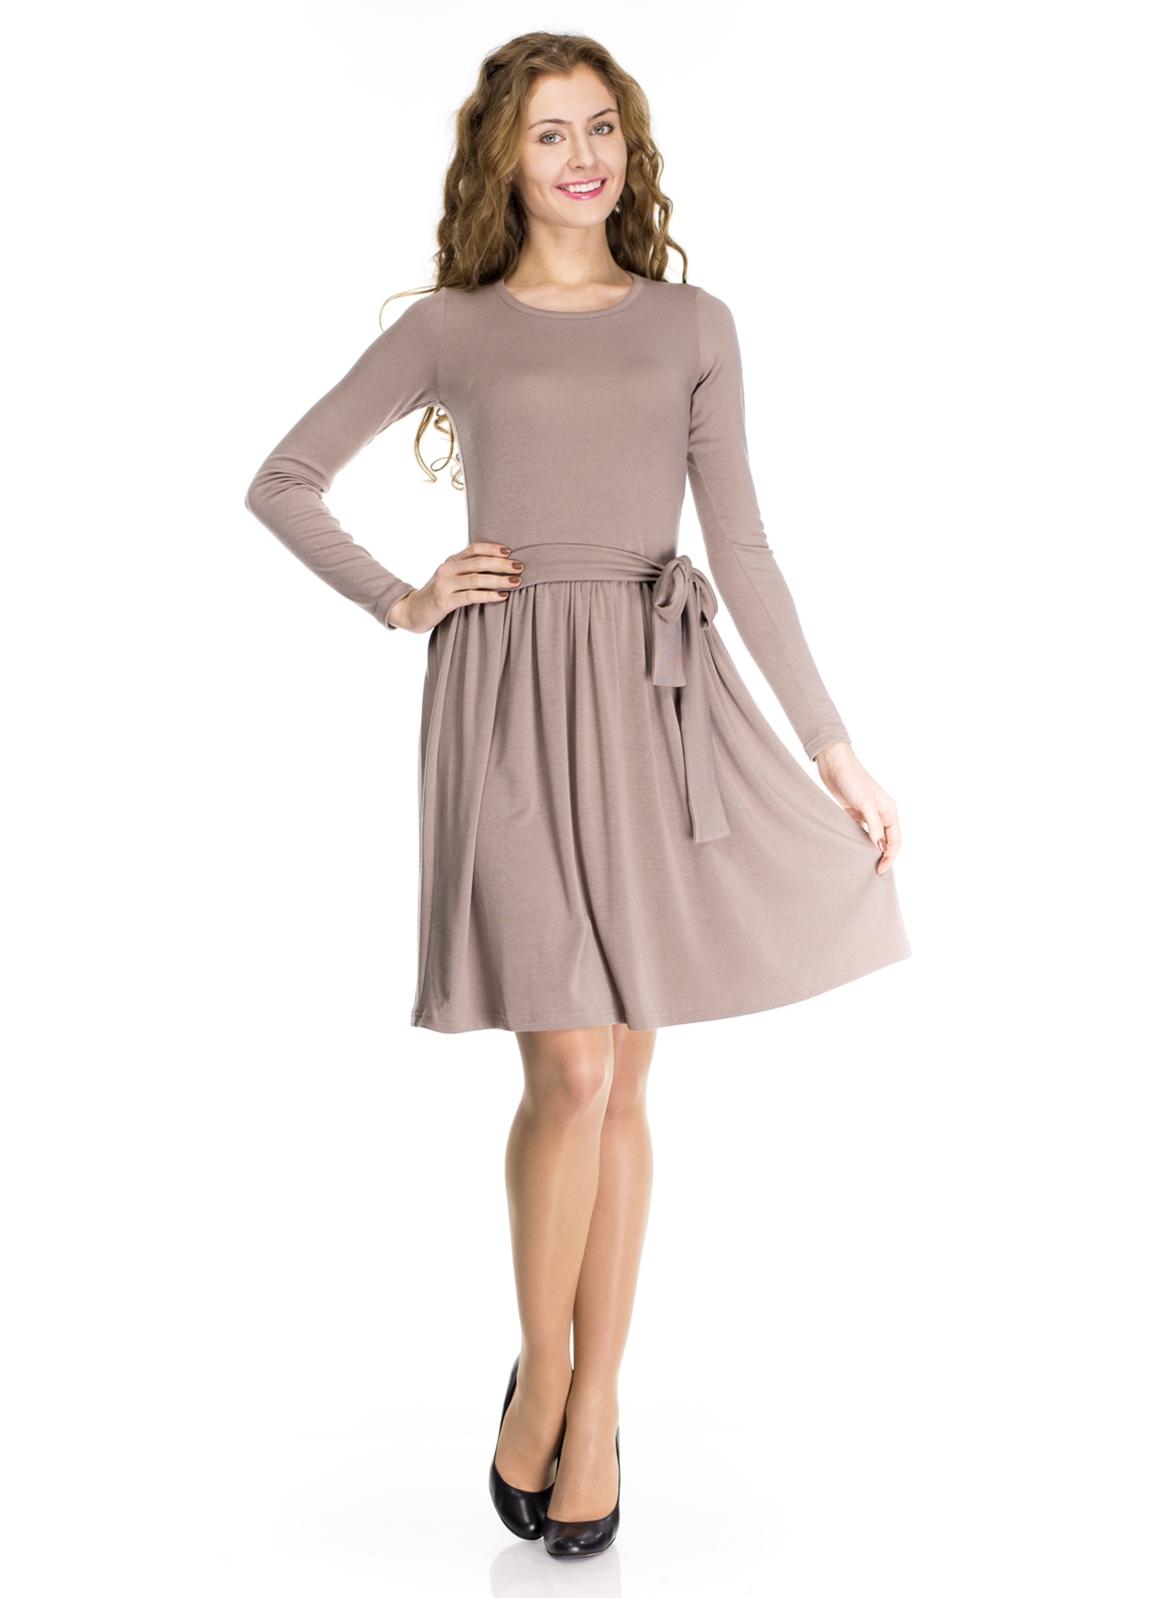 Платье для полных, которое скрадывает лишние килограммы, стройнит и позволит хозяйке